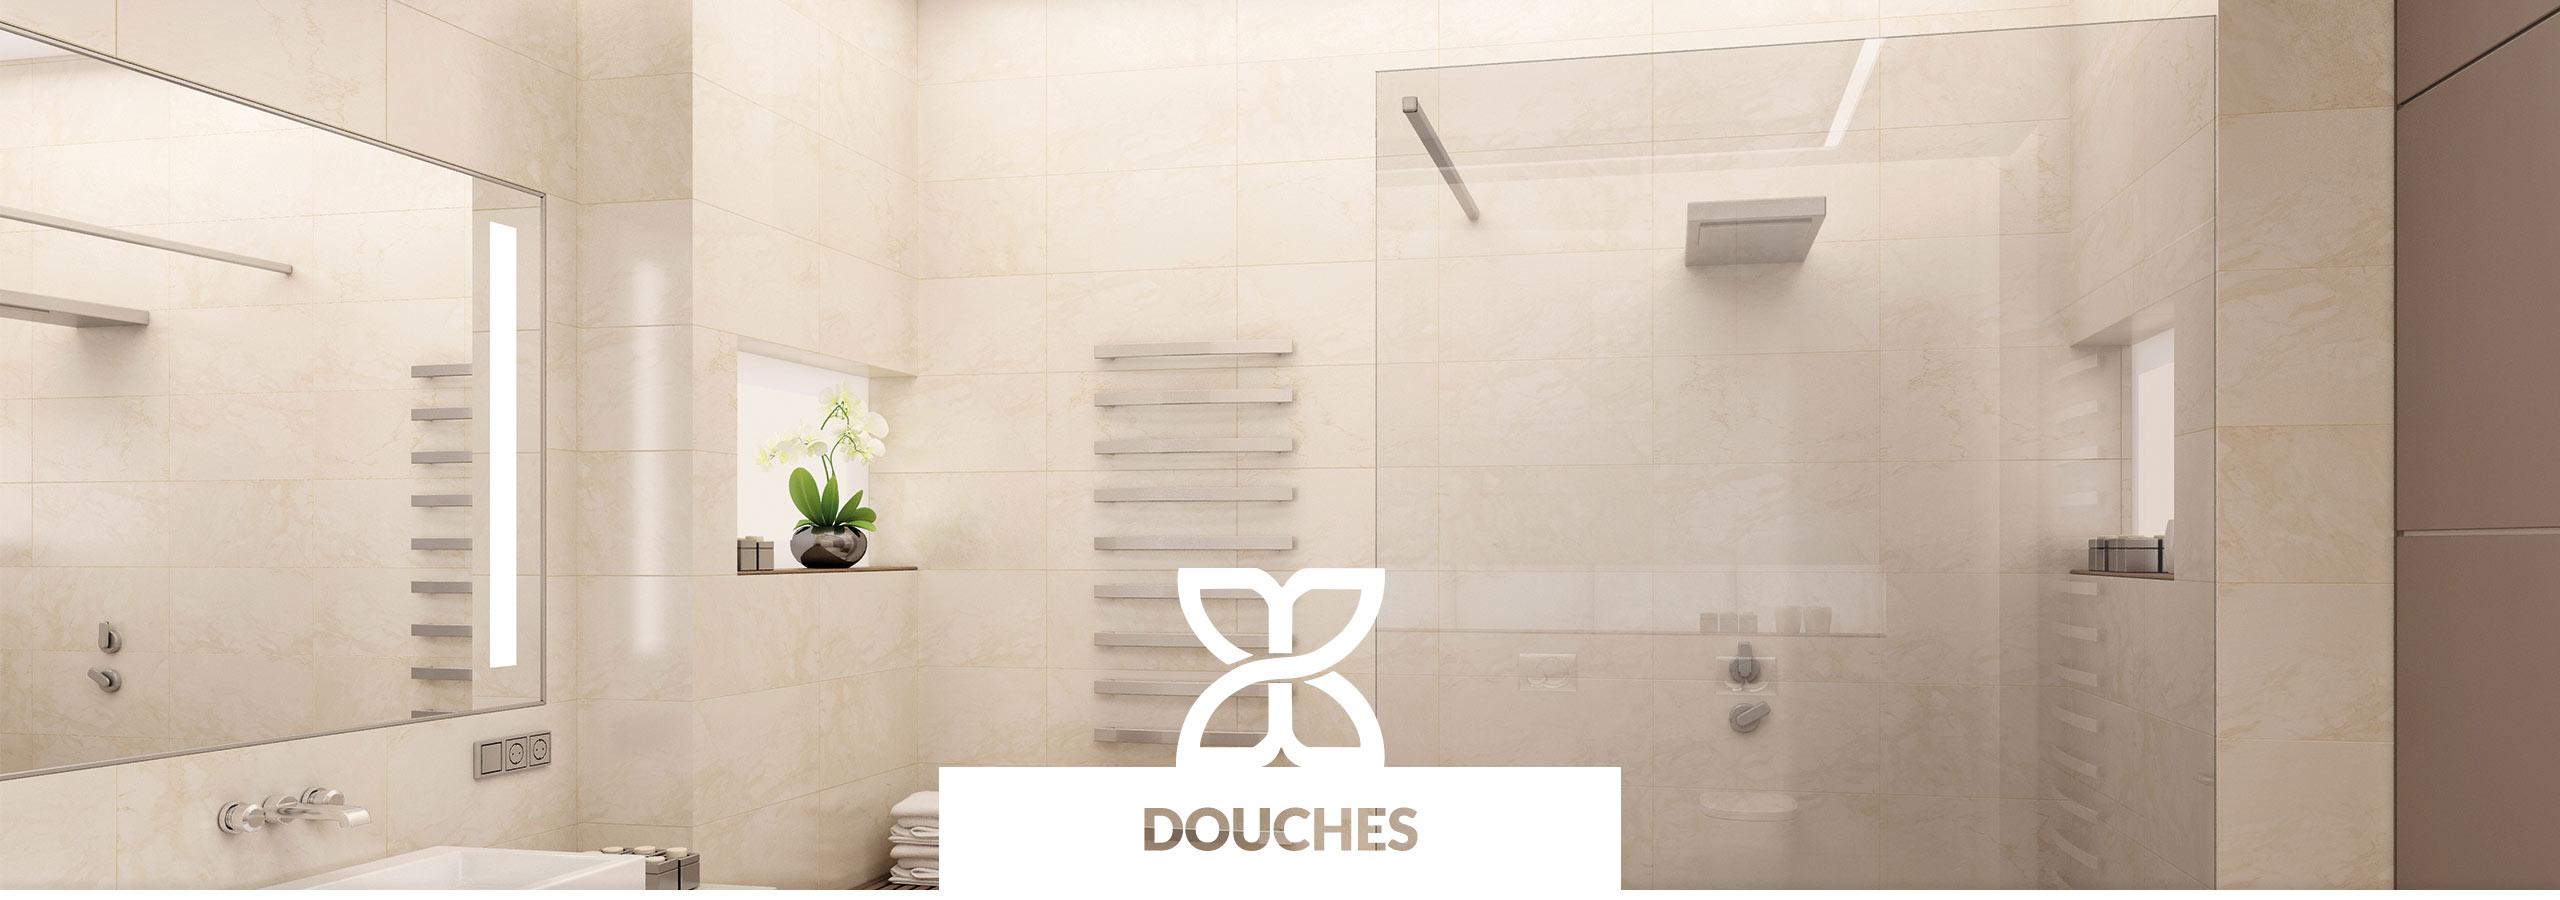 douche kopen en plaatsen door de installateur uit zevenaar